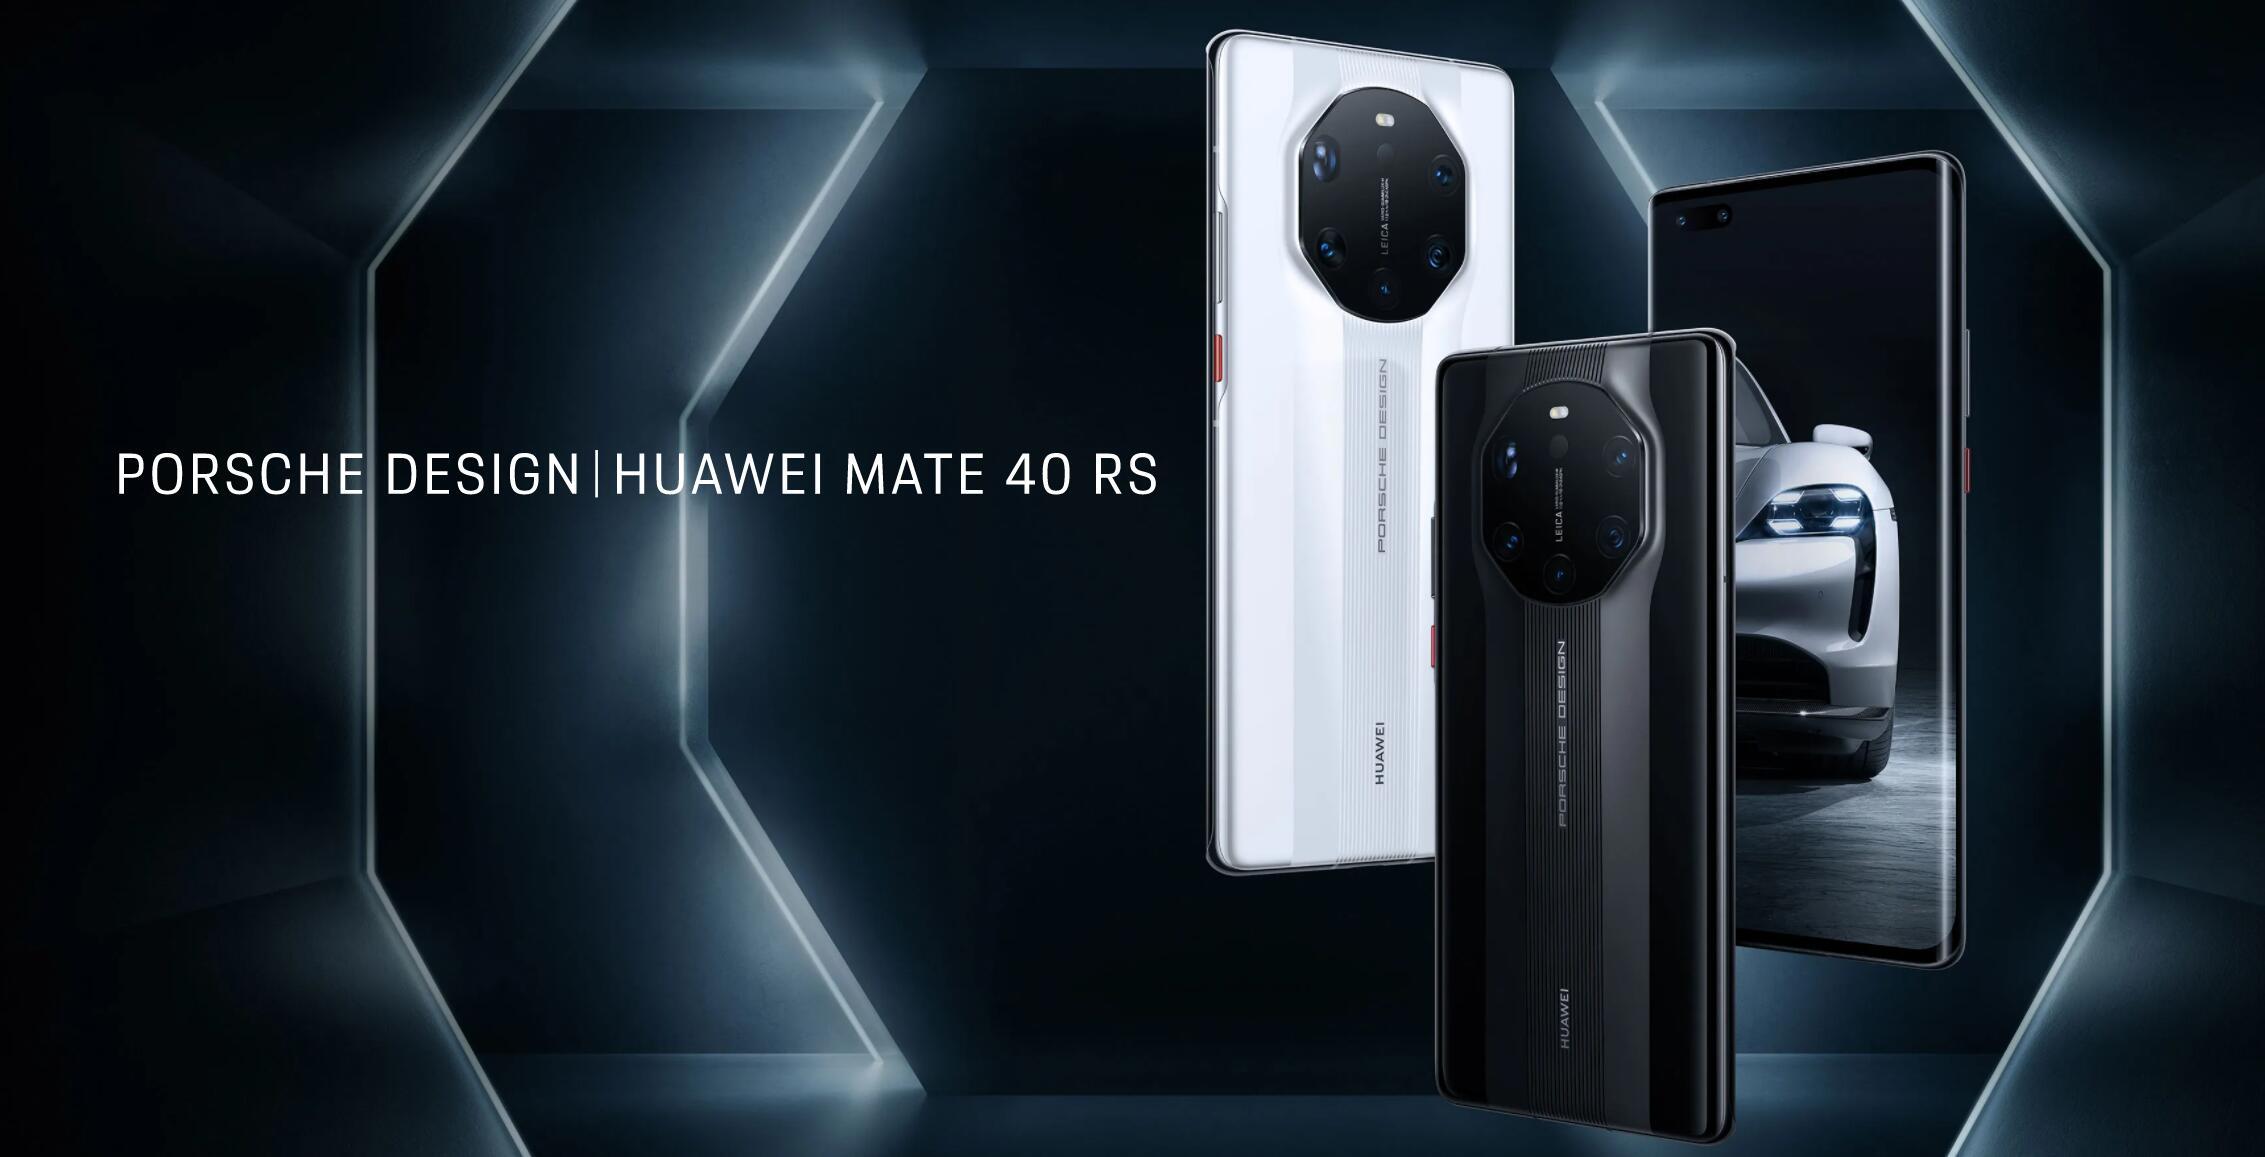 Porsche-Design-Huawei-Mate40-RS-01.jpg